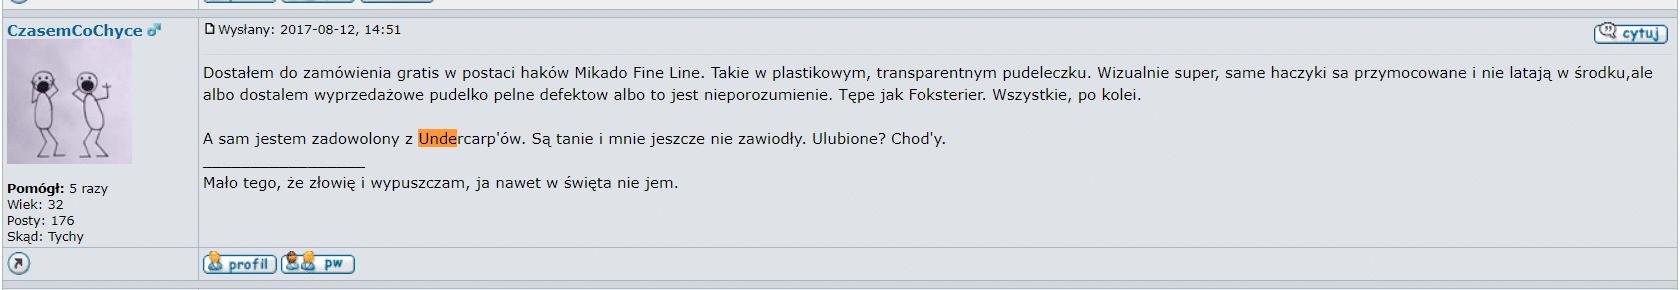 haki karpiowe undercarp opinia z forum-karpiowePL